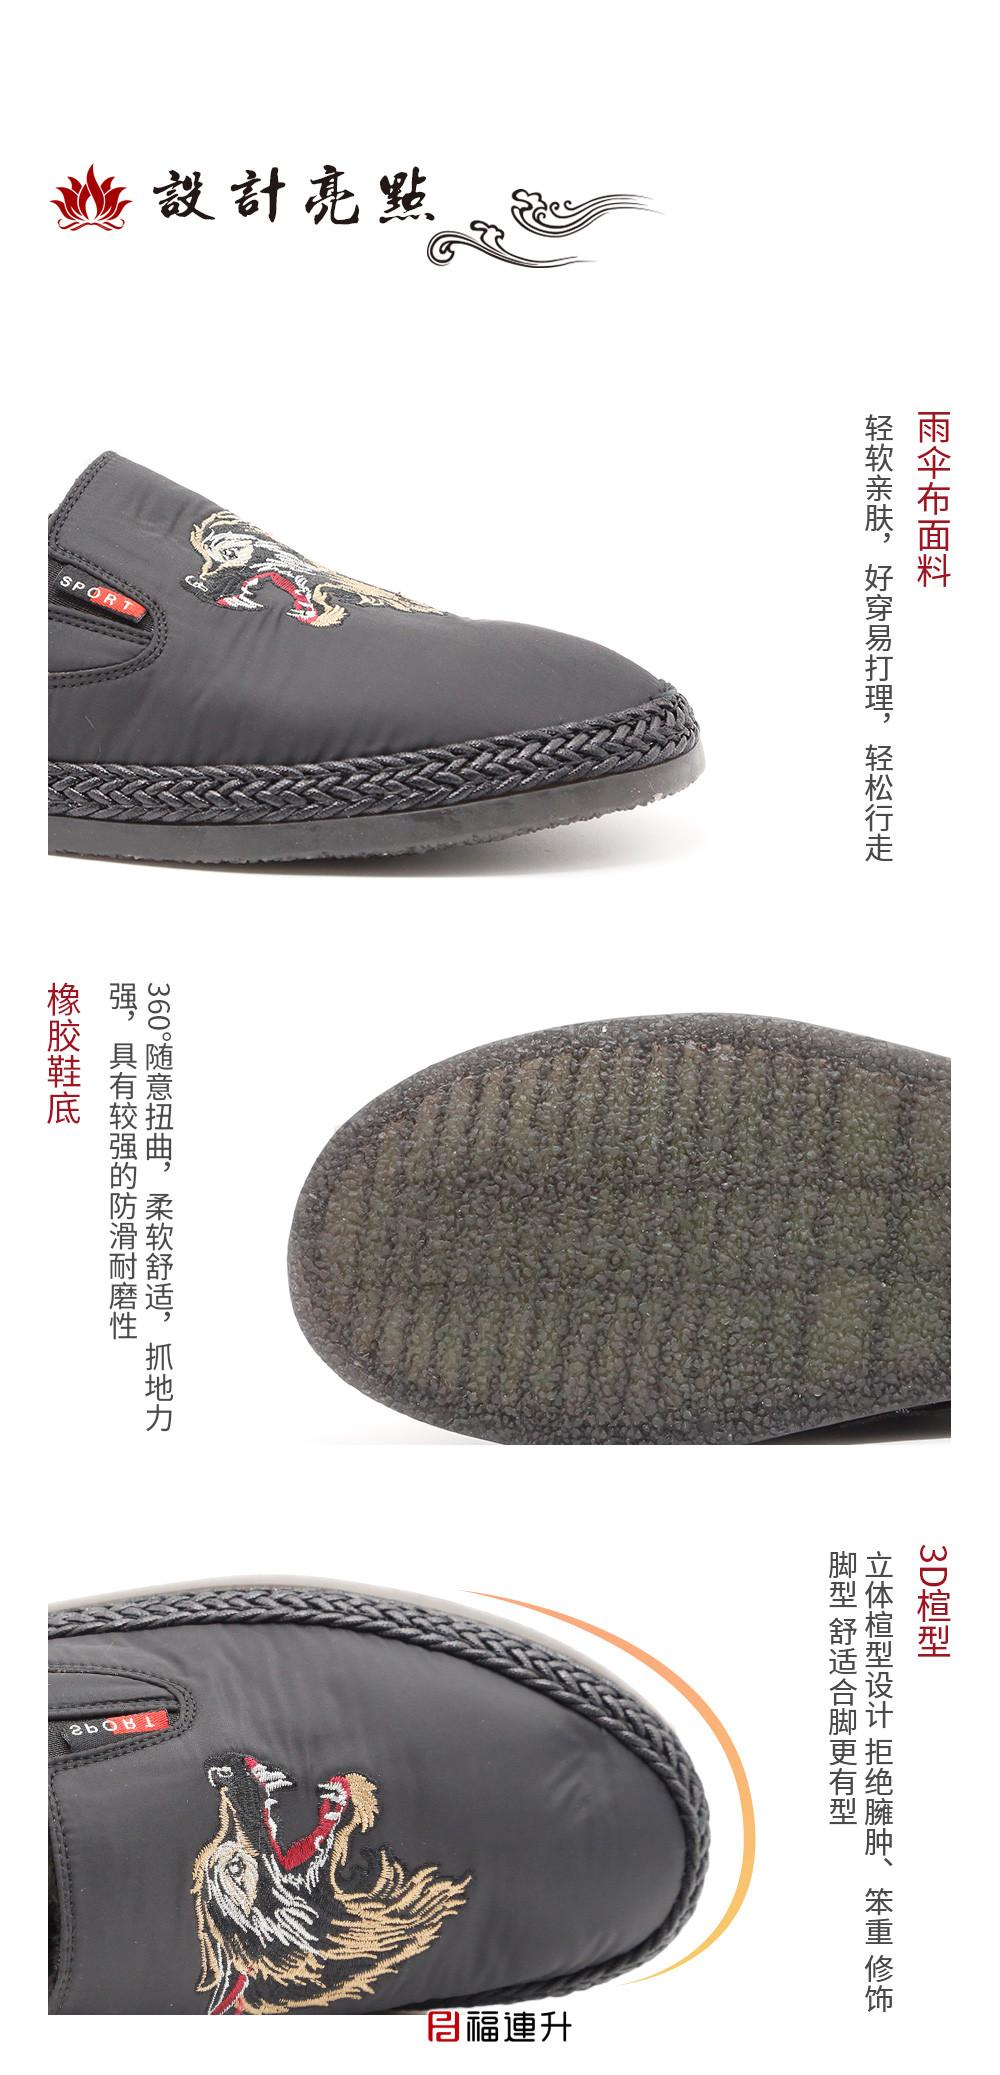 福连升老北京布鞋男鞋软底保暖中国风一脚蹬休闲鞋图片